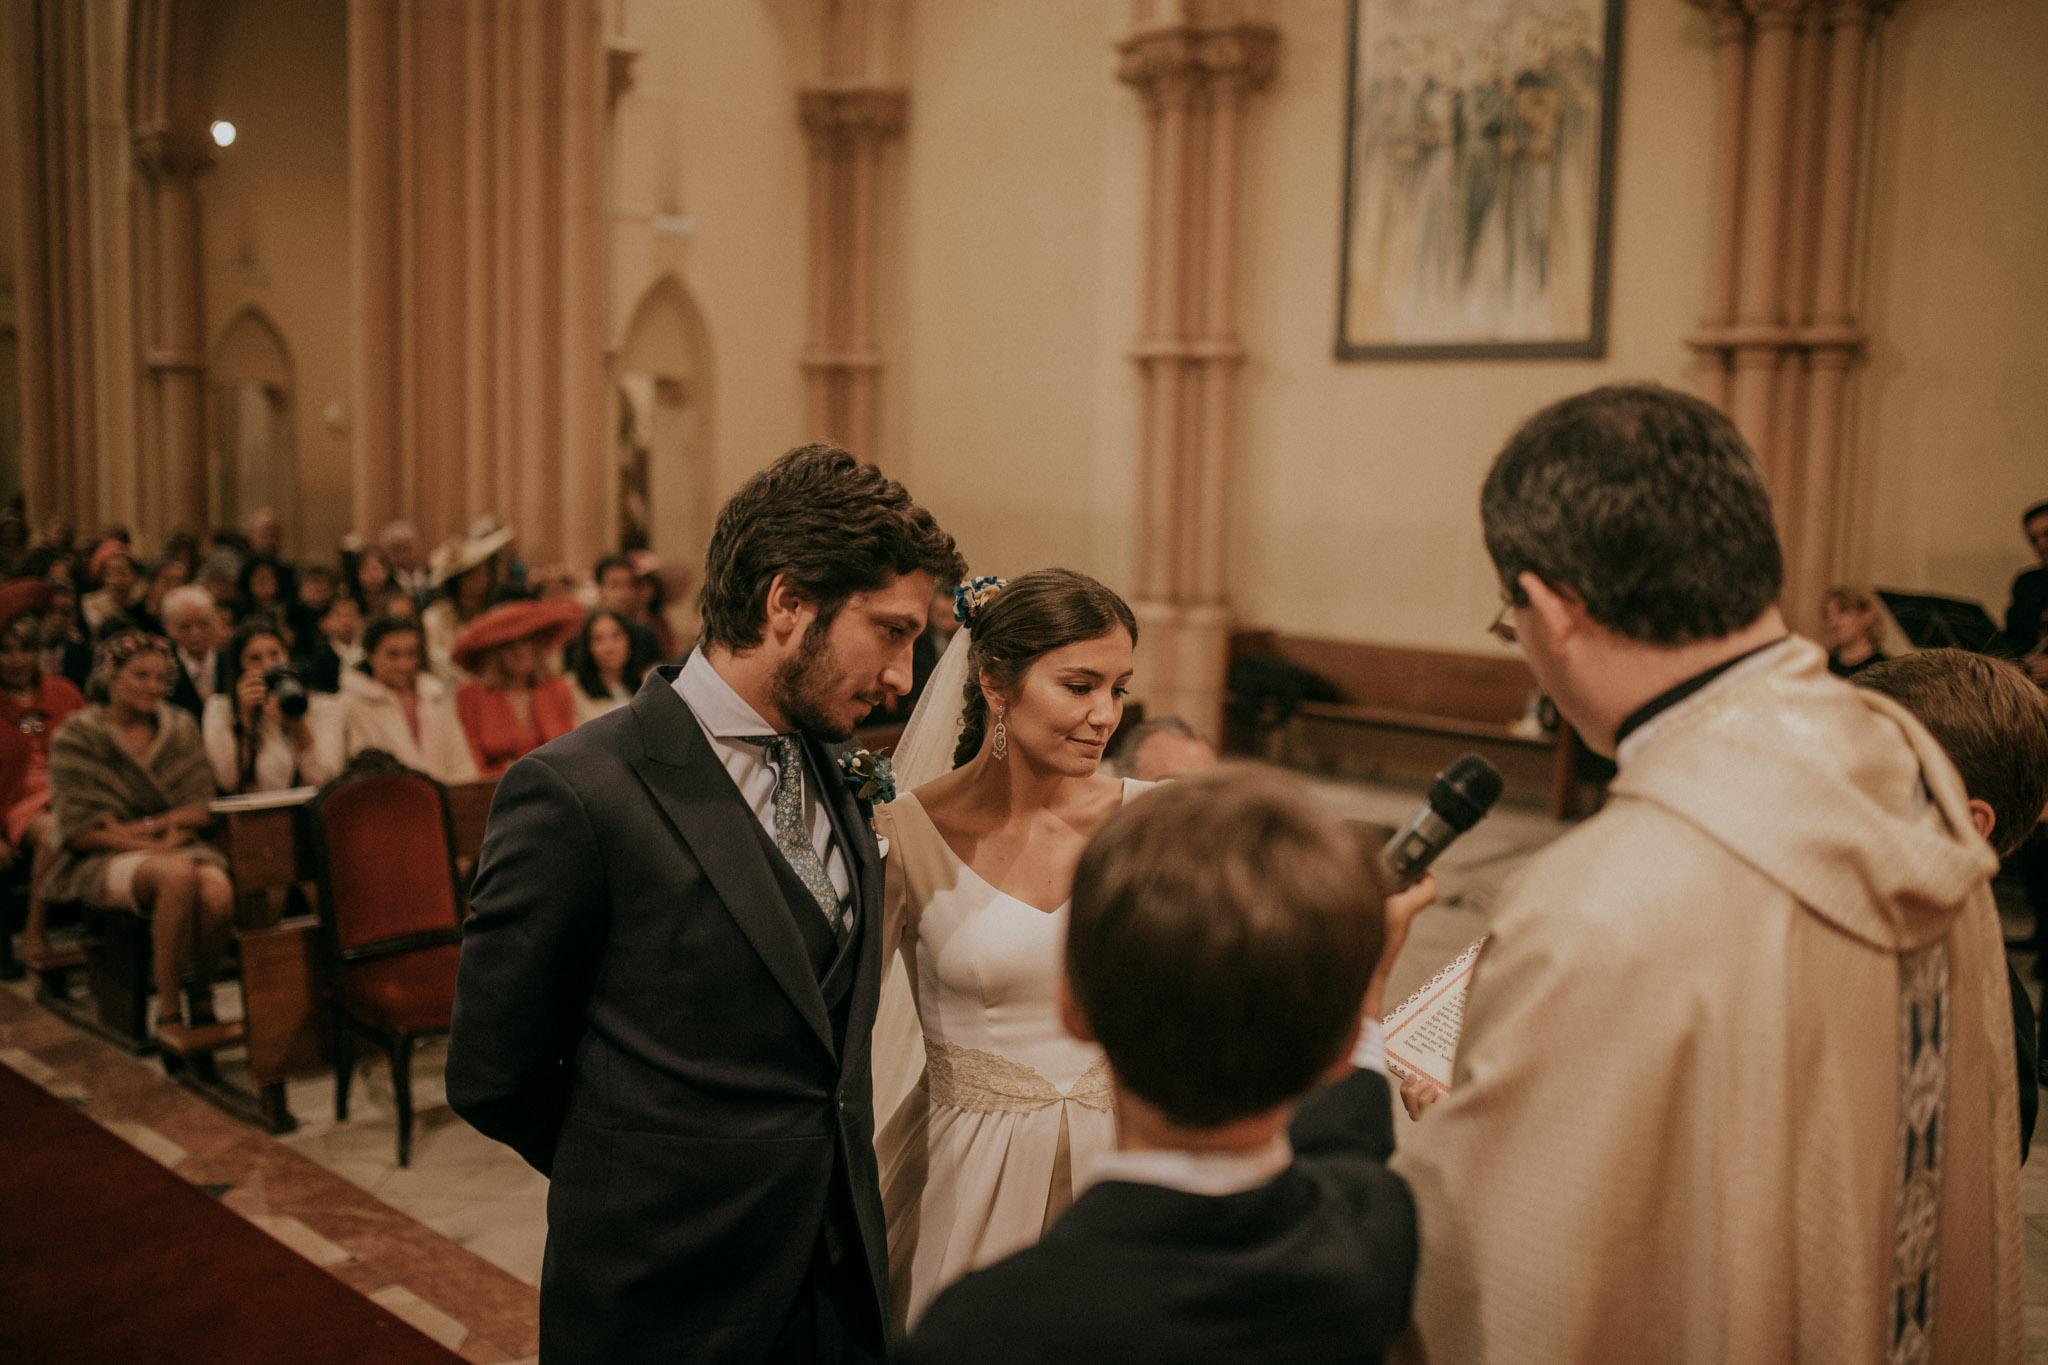 fotografia-boda-luguille-concorazon-66